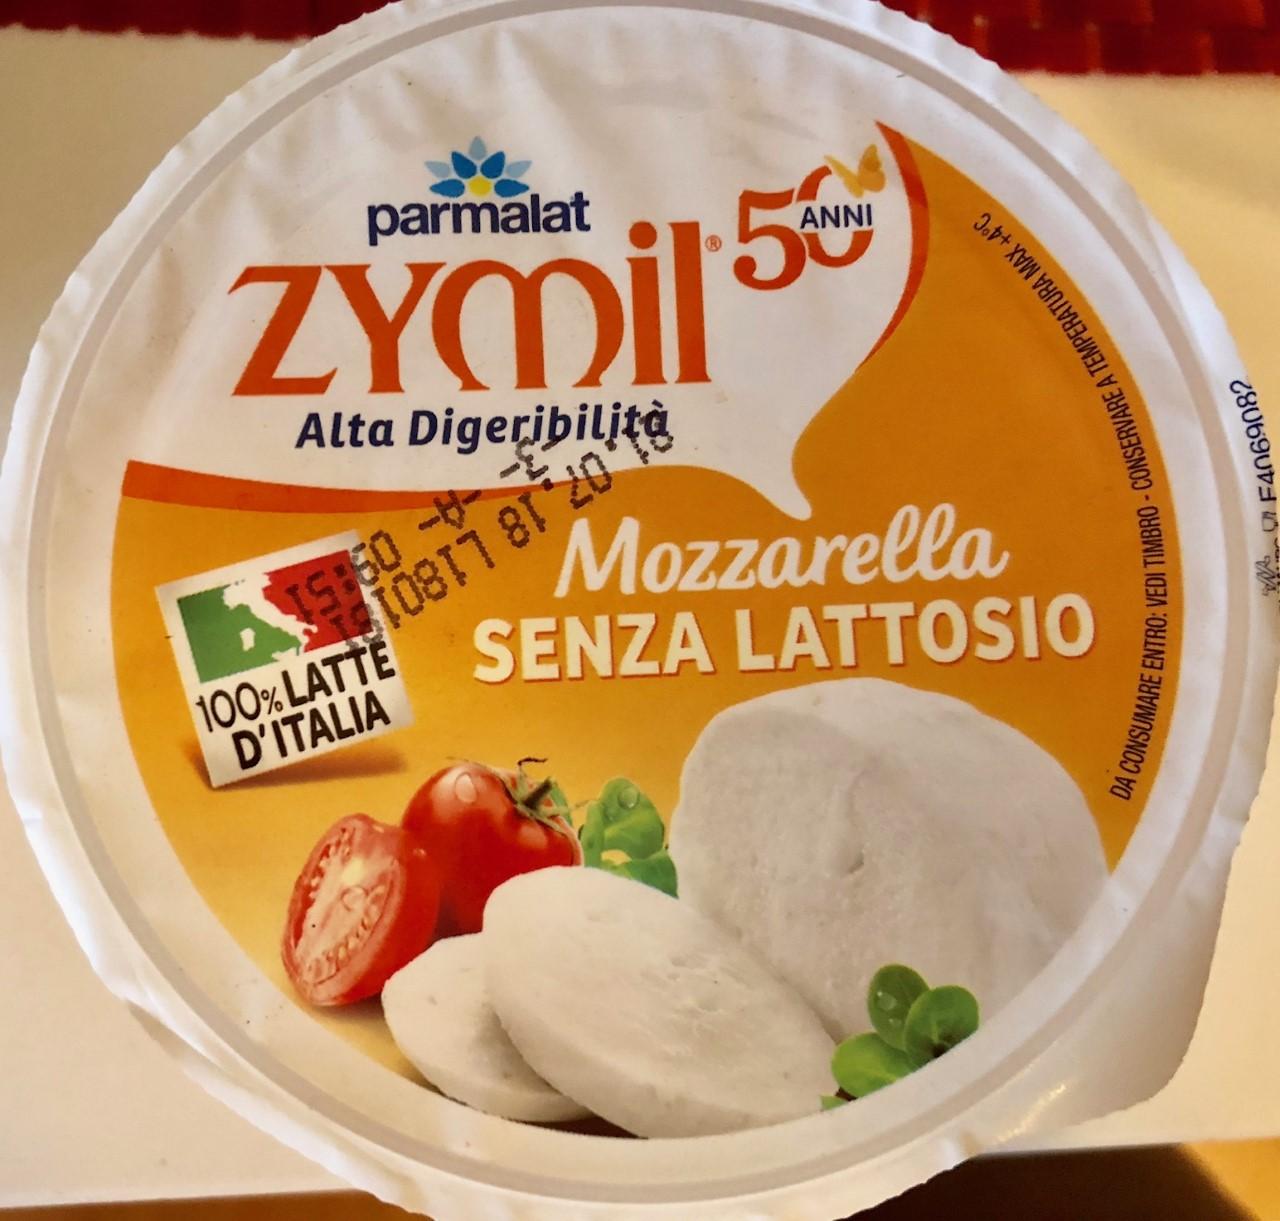 Mozzarella Zymil senza lattosio - lattosio <0,1 Image